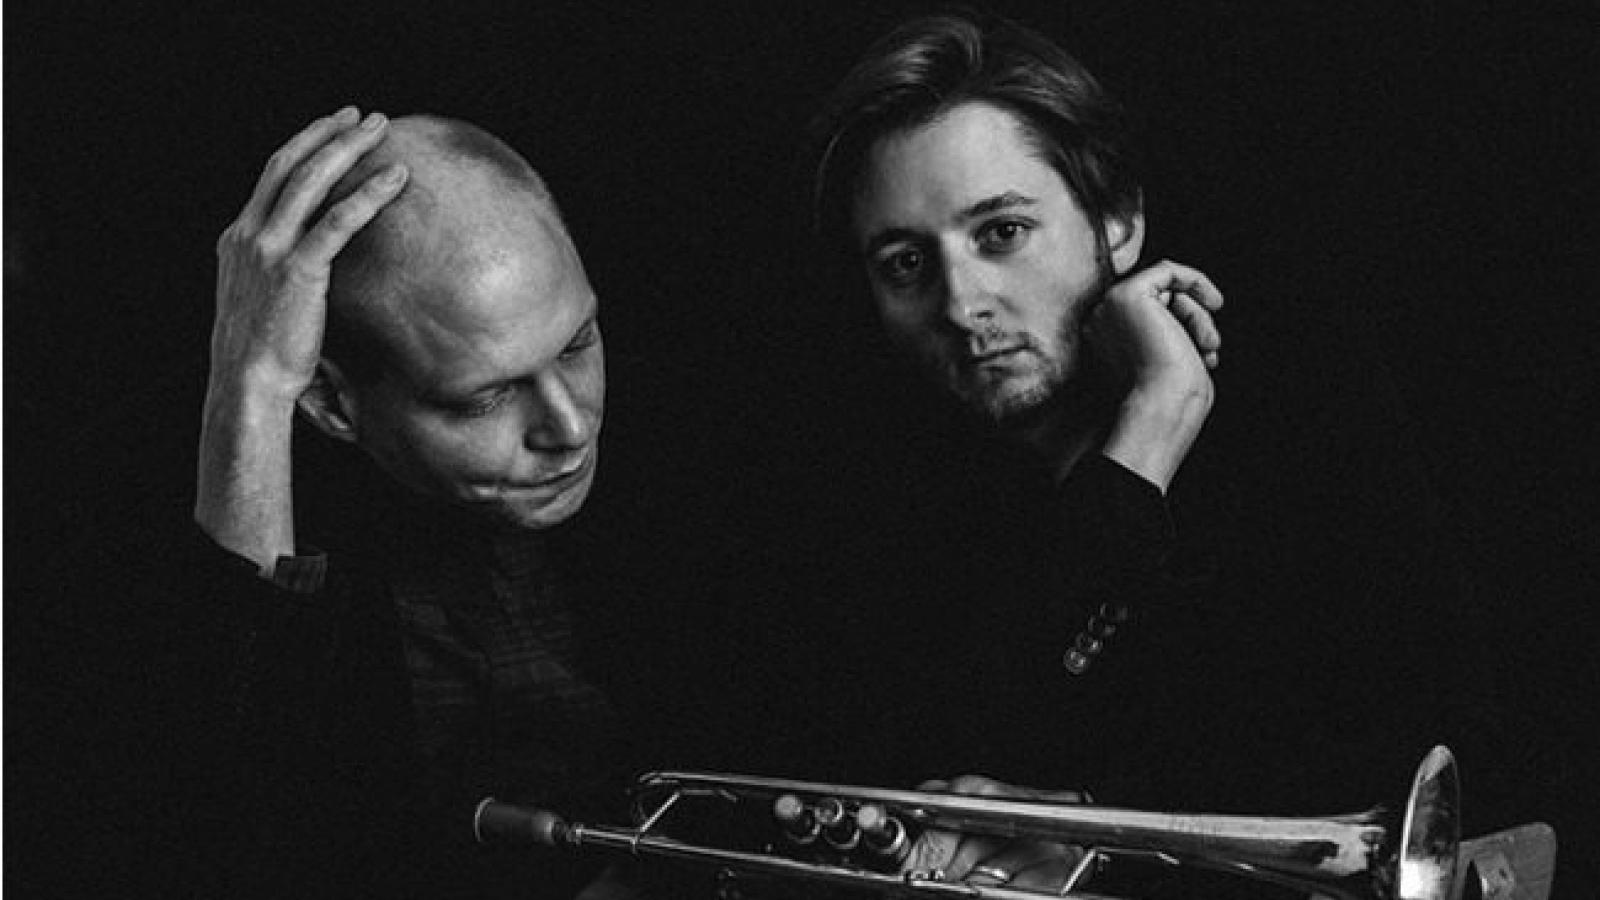 Austrian jazz duo to perform in Vietnam